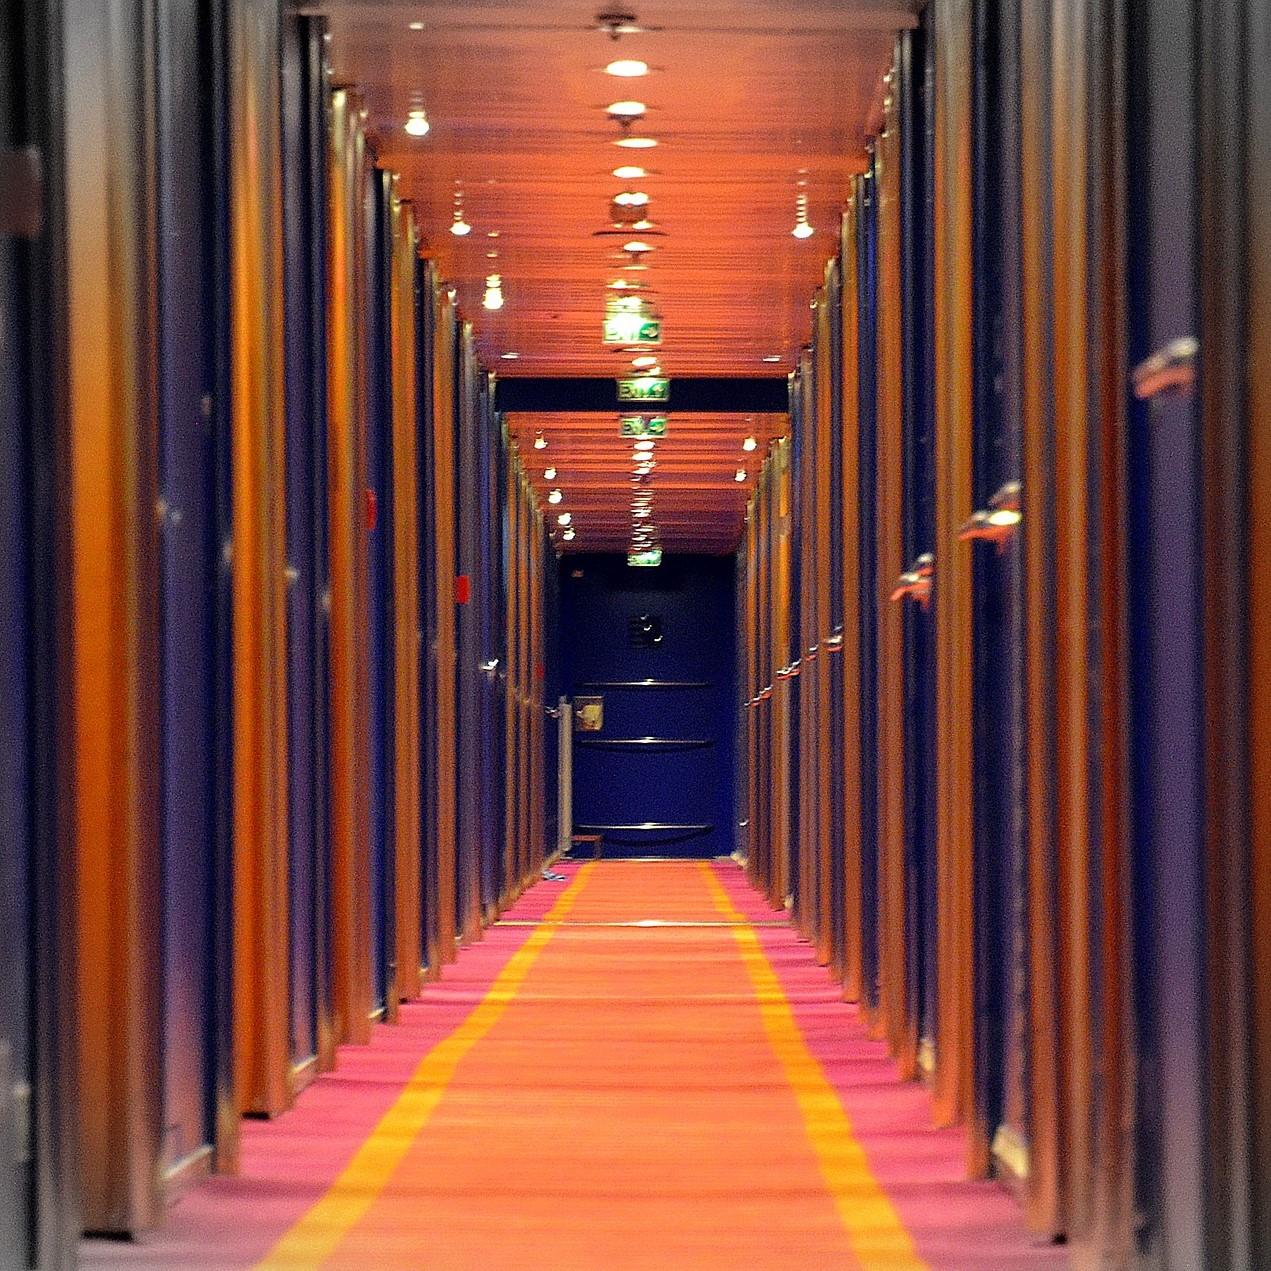 Photographie d'un couloir illustrant la jonction entre un espace privé et un espace public